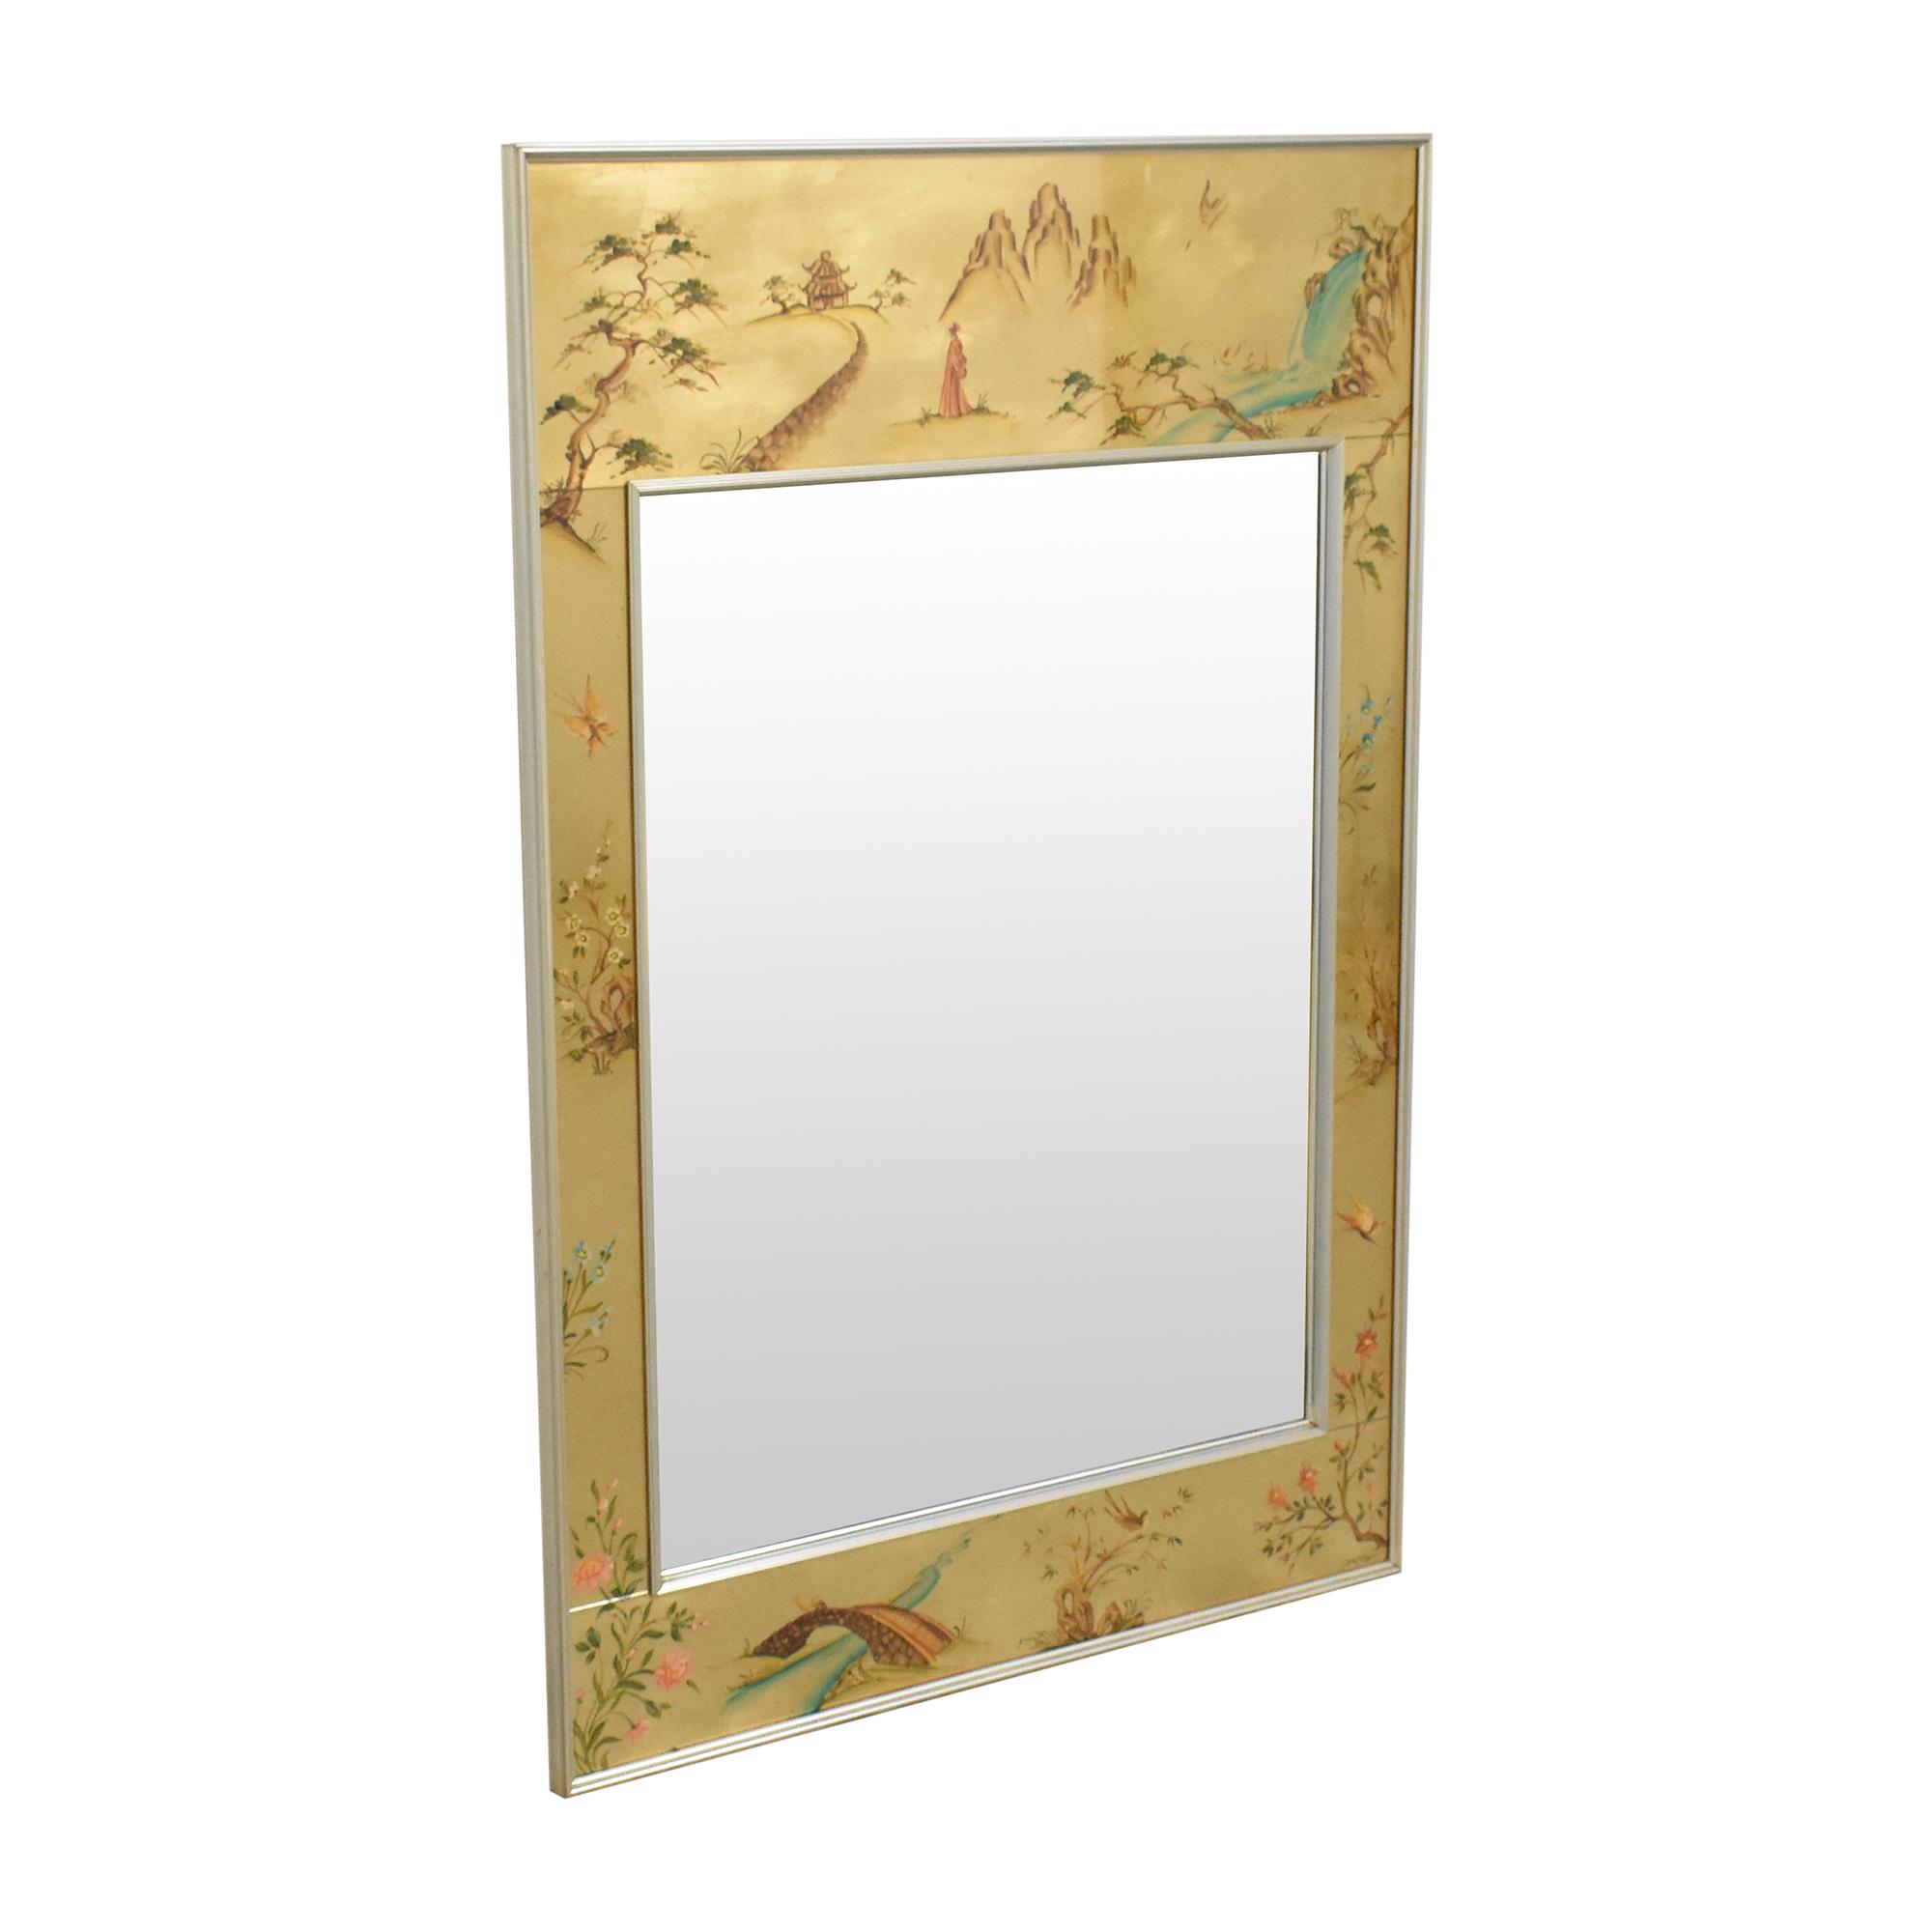 La Barge La Barge Painted Mirror for sale